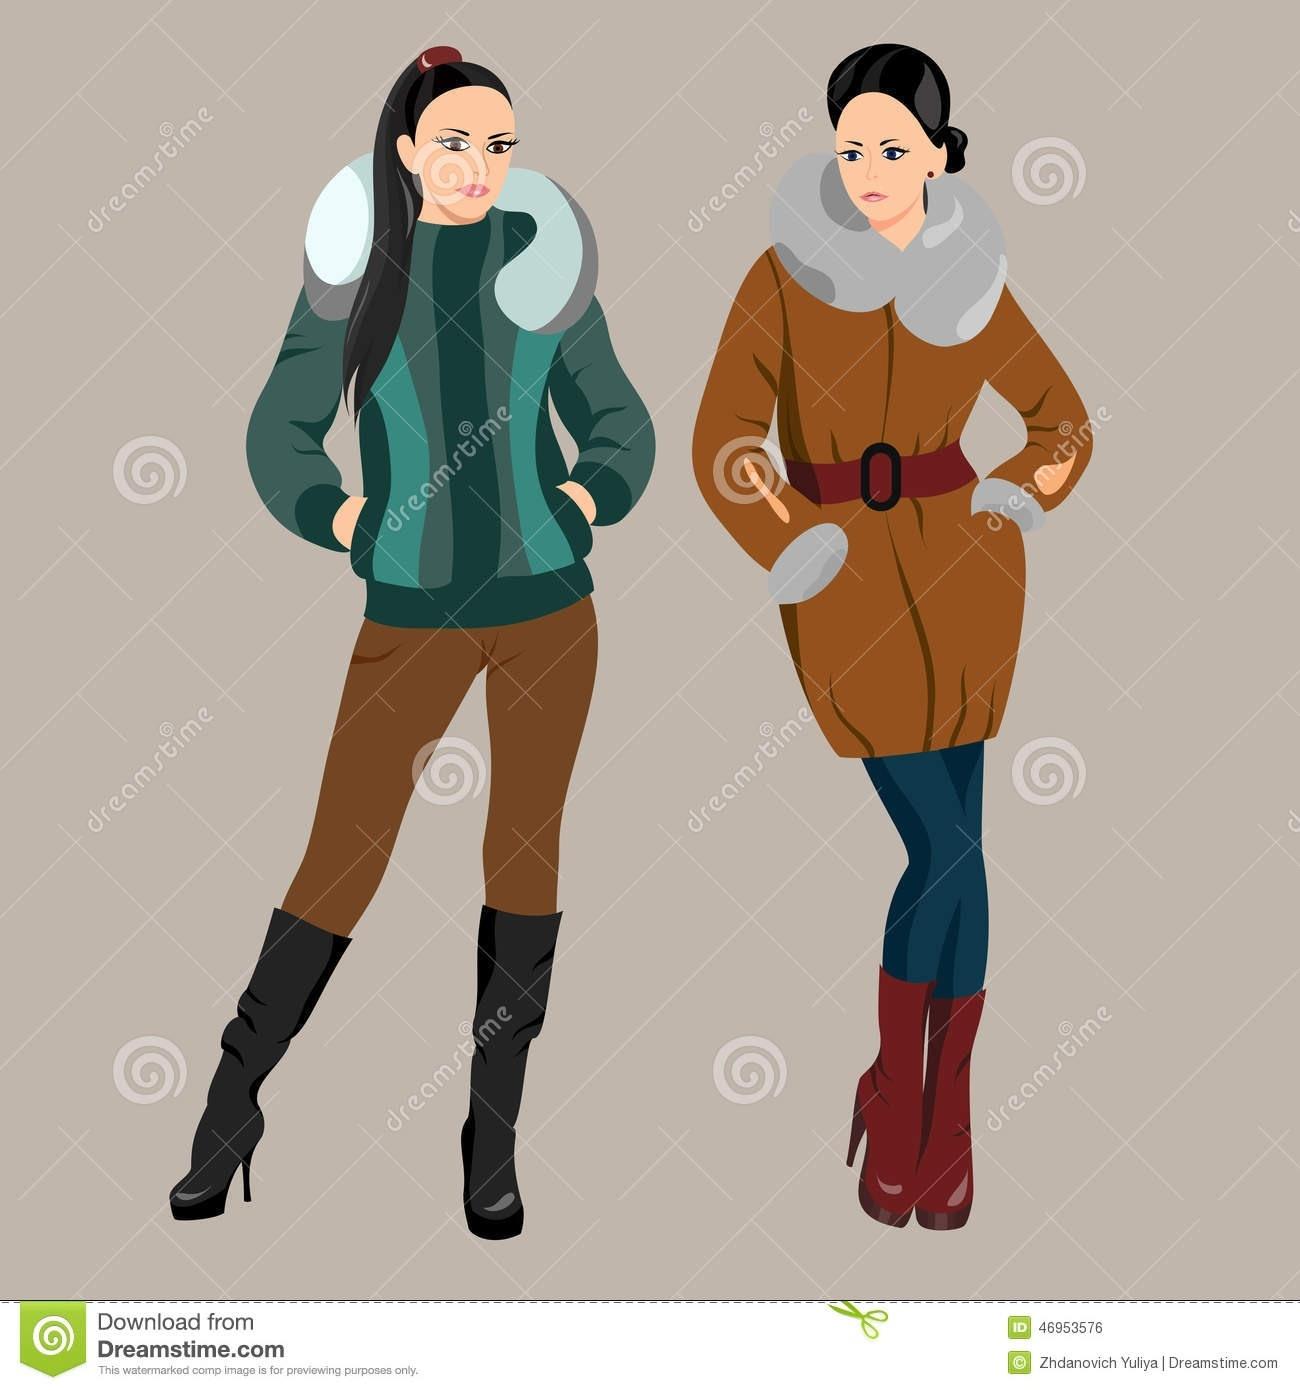 10 Schön Winterkleider Frauen BoutiqueAbend Schön Winterkleider Frauen Bester Preis